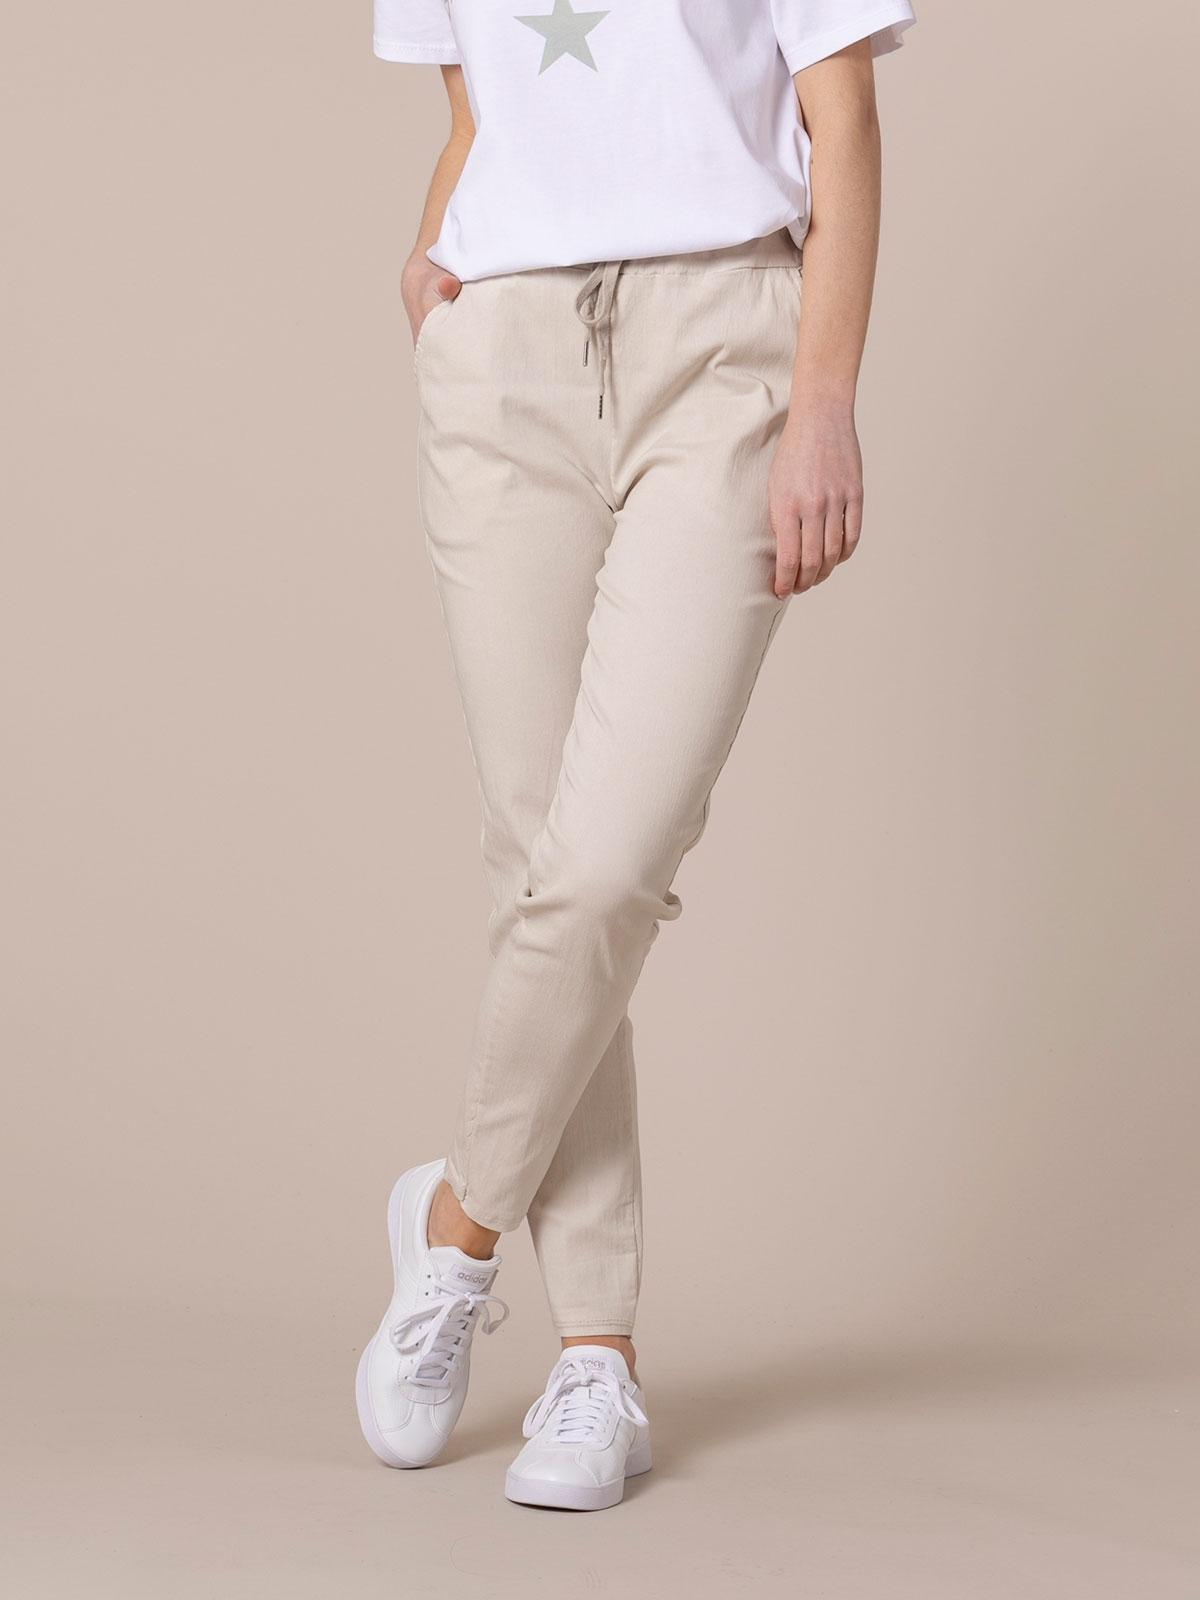 Pantalón mujer sport elástico algodón Beige